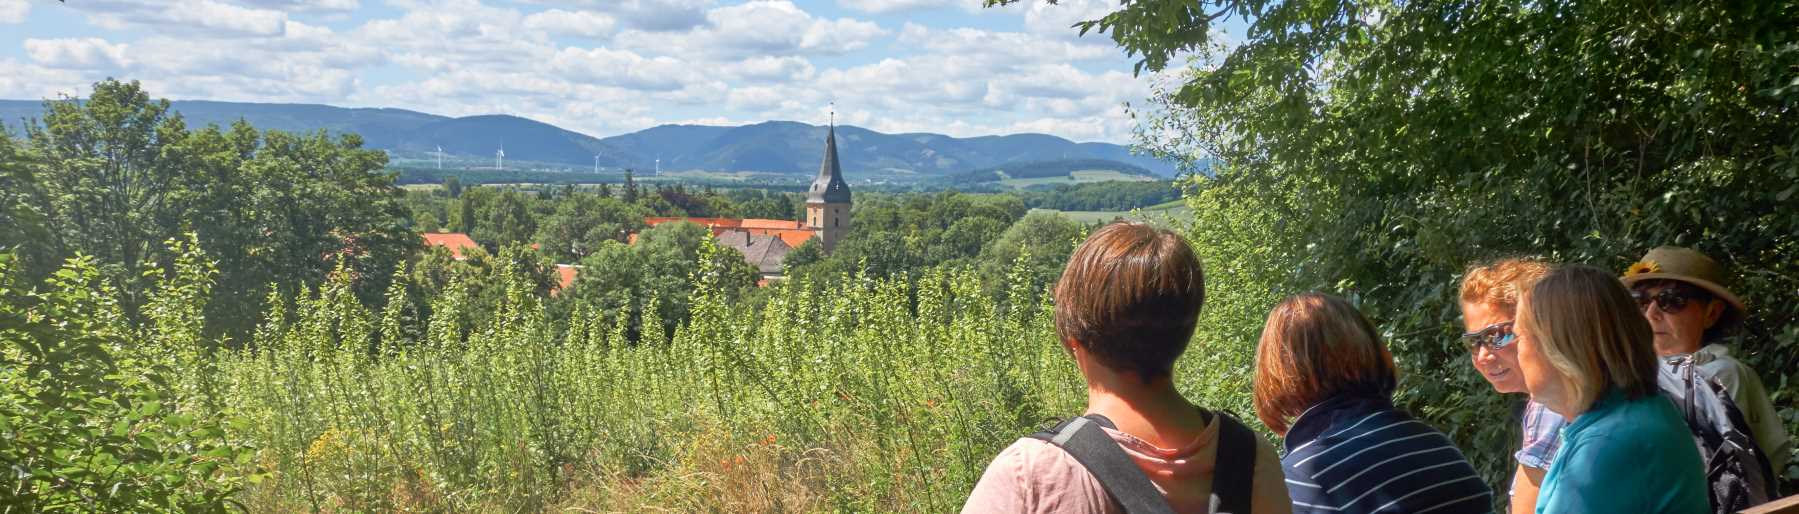 Wandern im Harzvorland